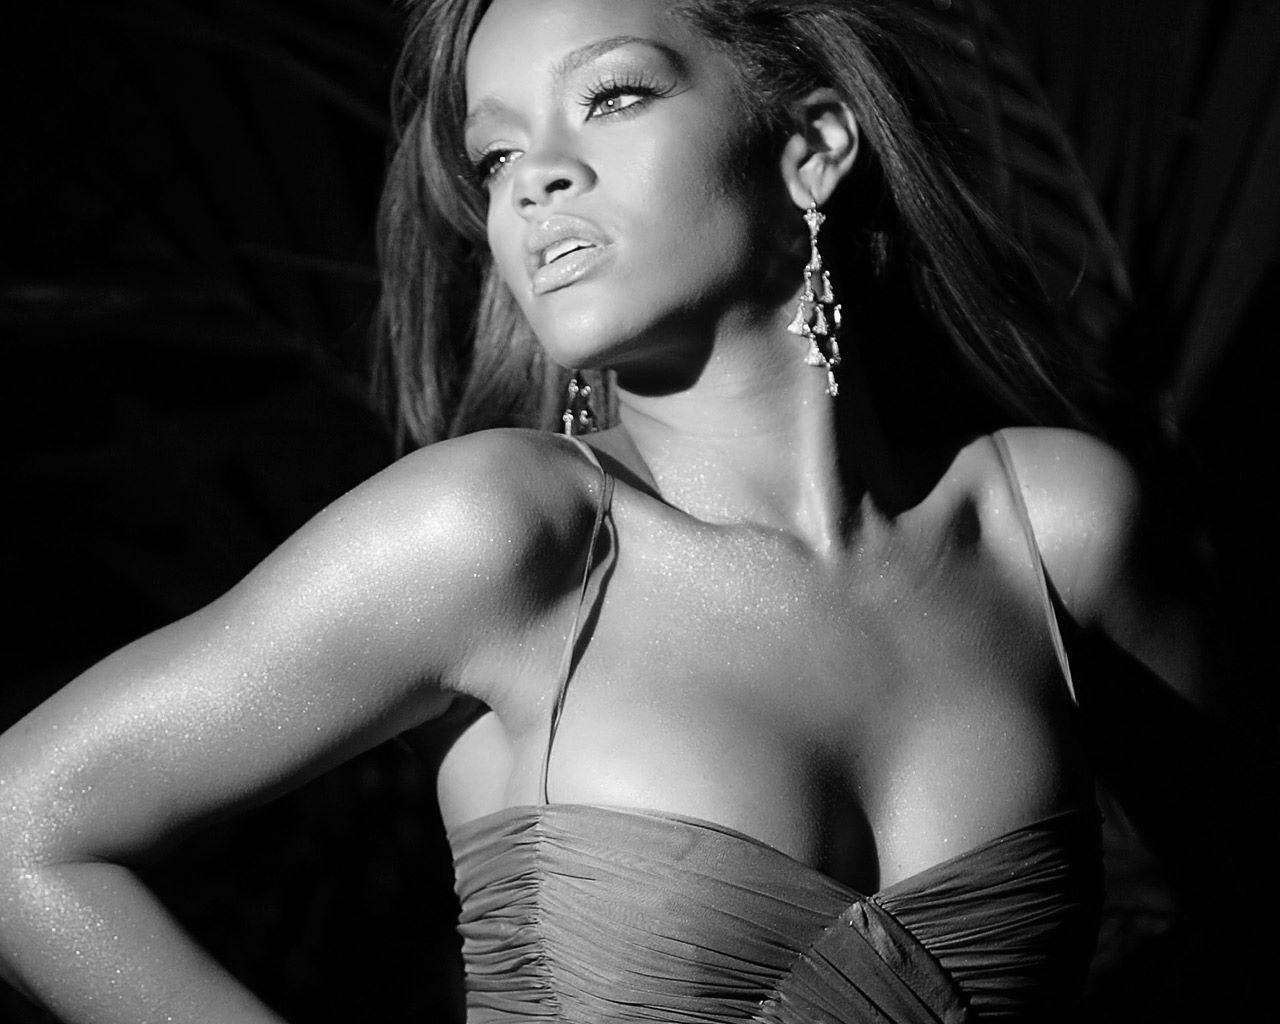 http://1.bp.blogspot.com/-UGZn4bv6ozY/TyCI3MkpoeI/AAAAAAAAAb0/4EVGbuMYgSk/s1600/Rihanna-A-Girl-Like-Me-2-FYAZFI3C53-1280x1024.jpg